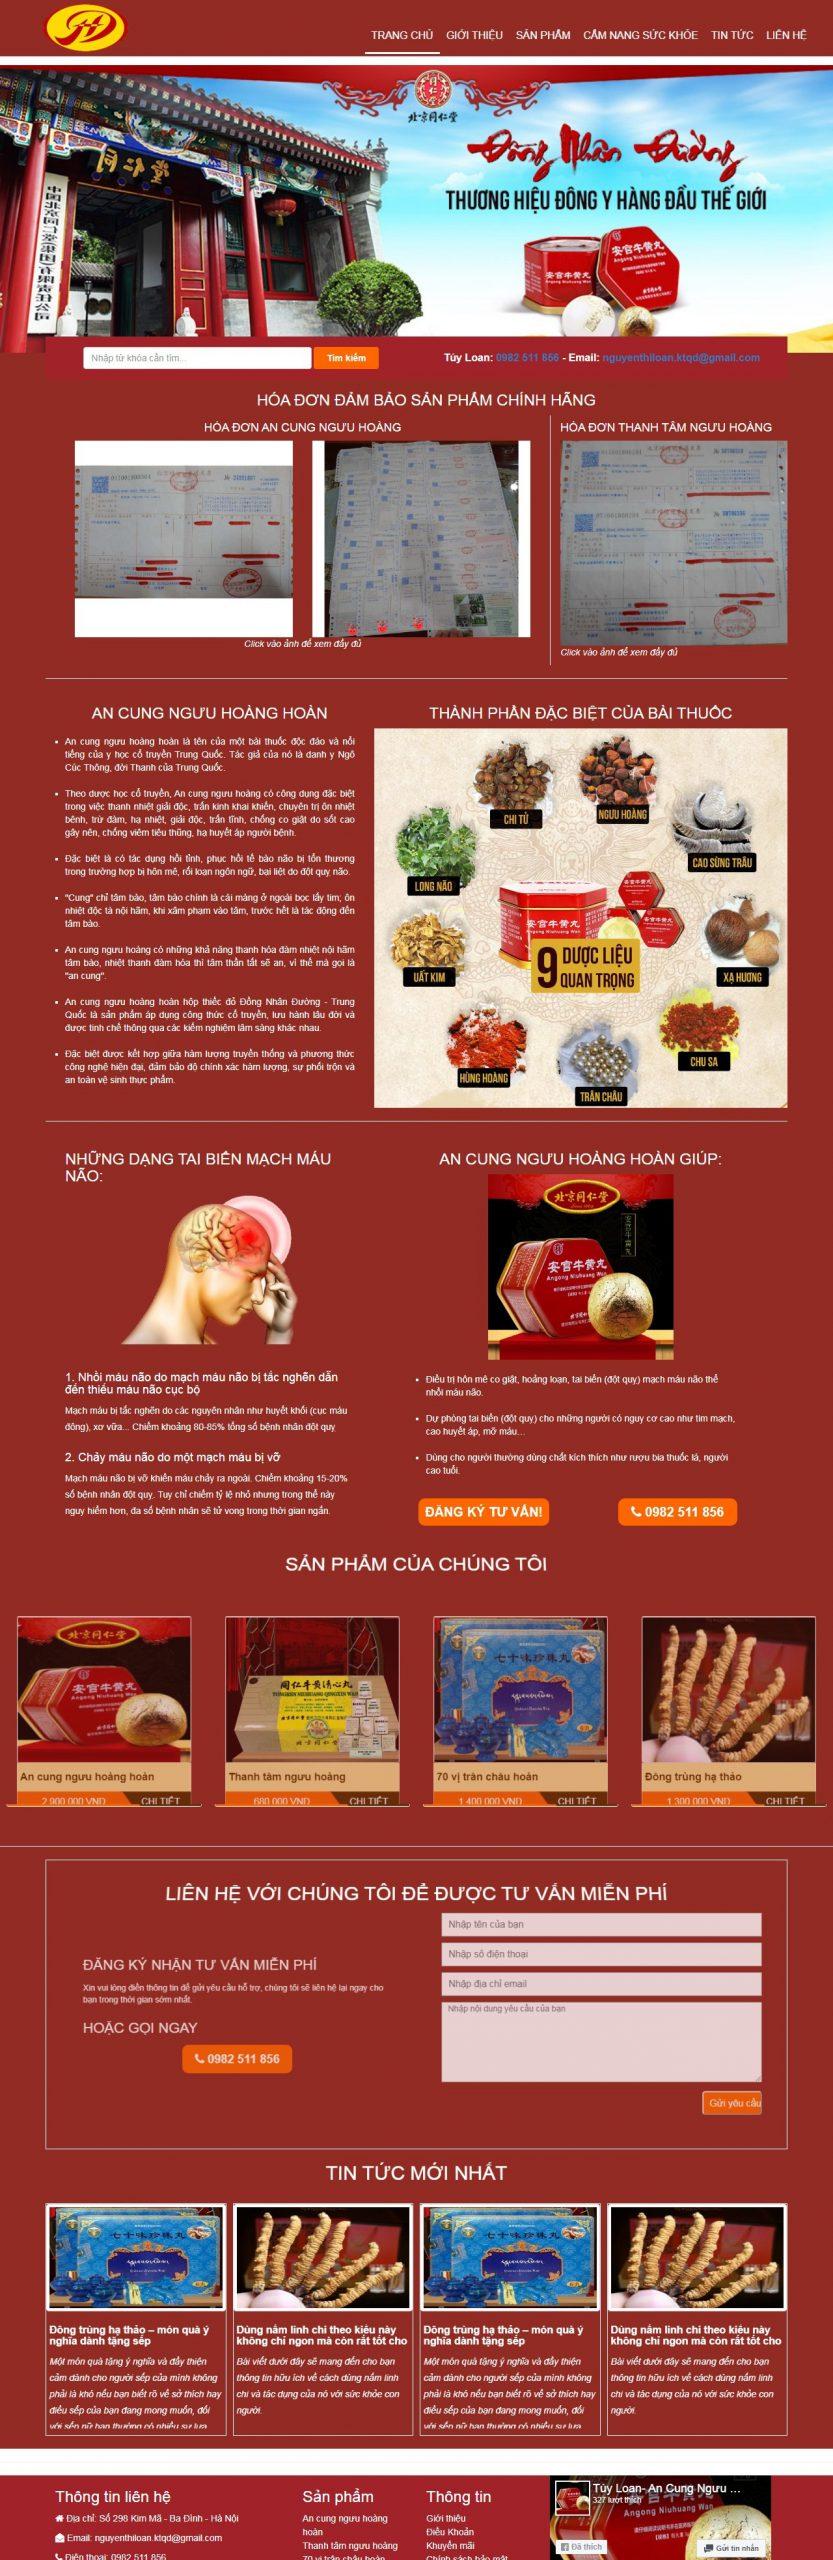 Website An cung ngưu hoàng hoàn